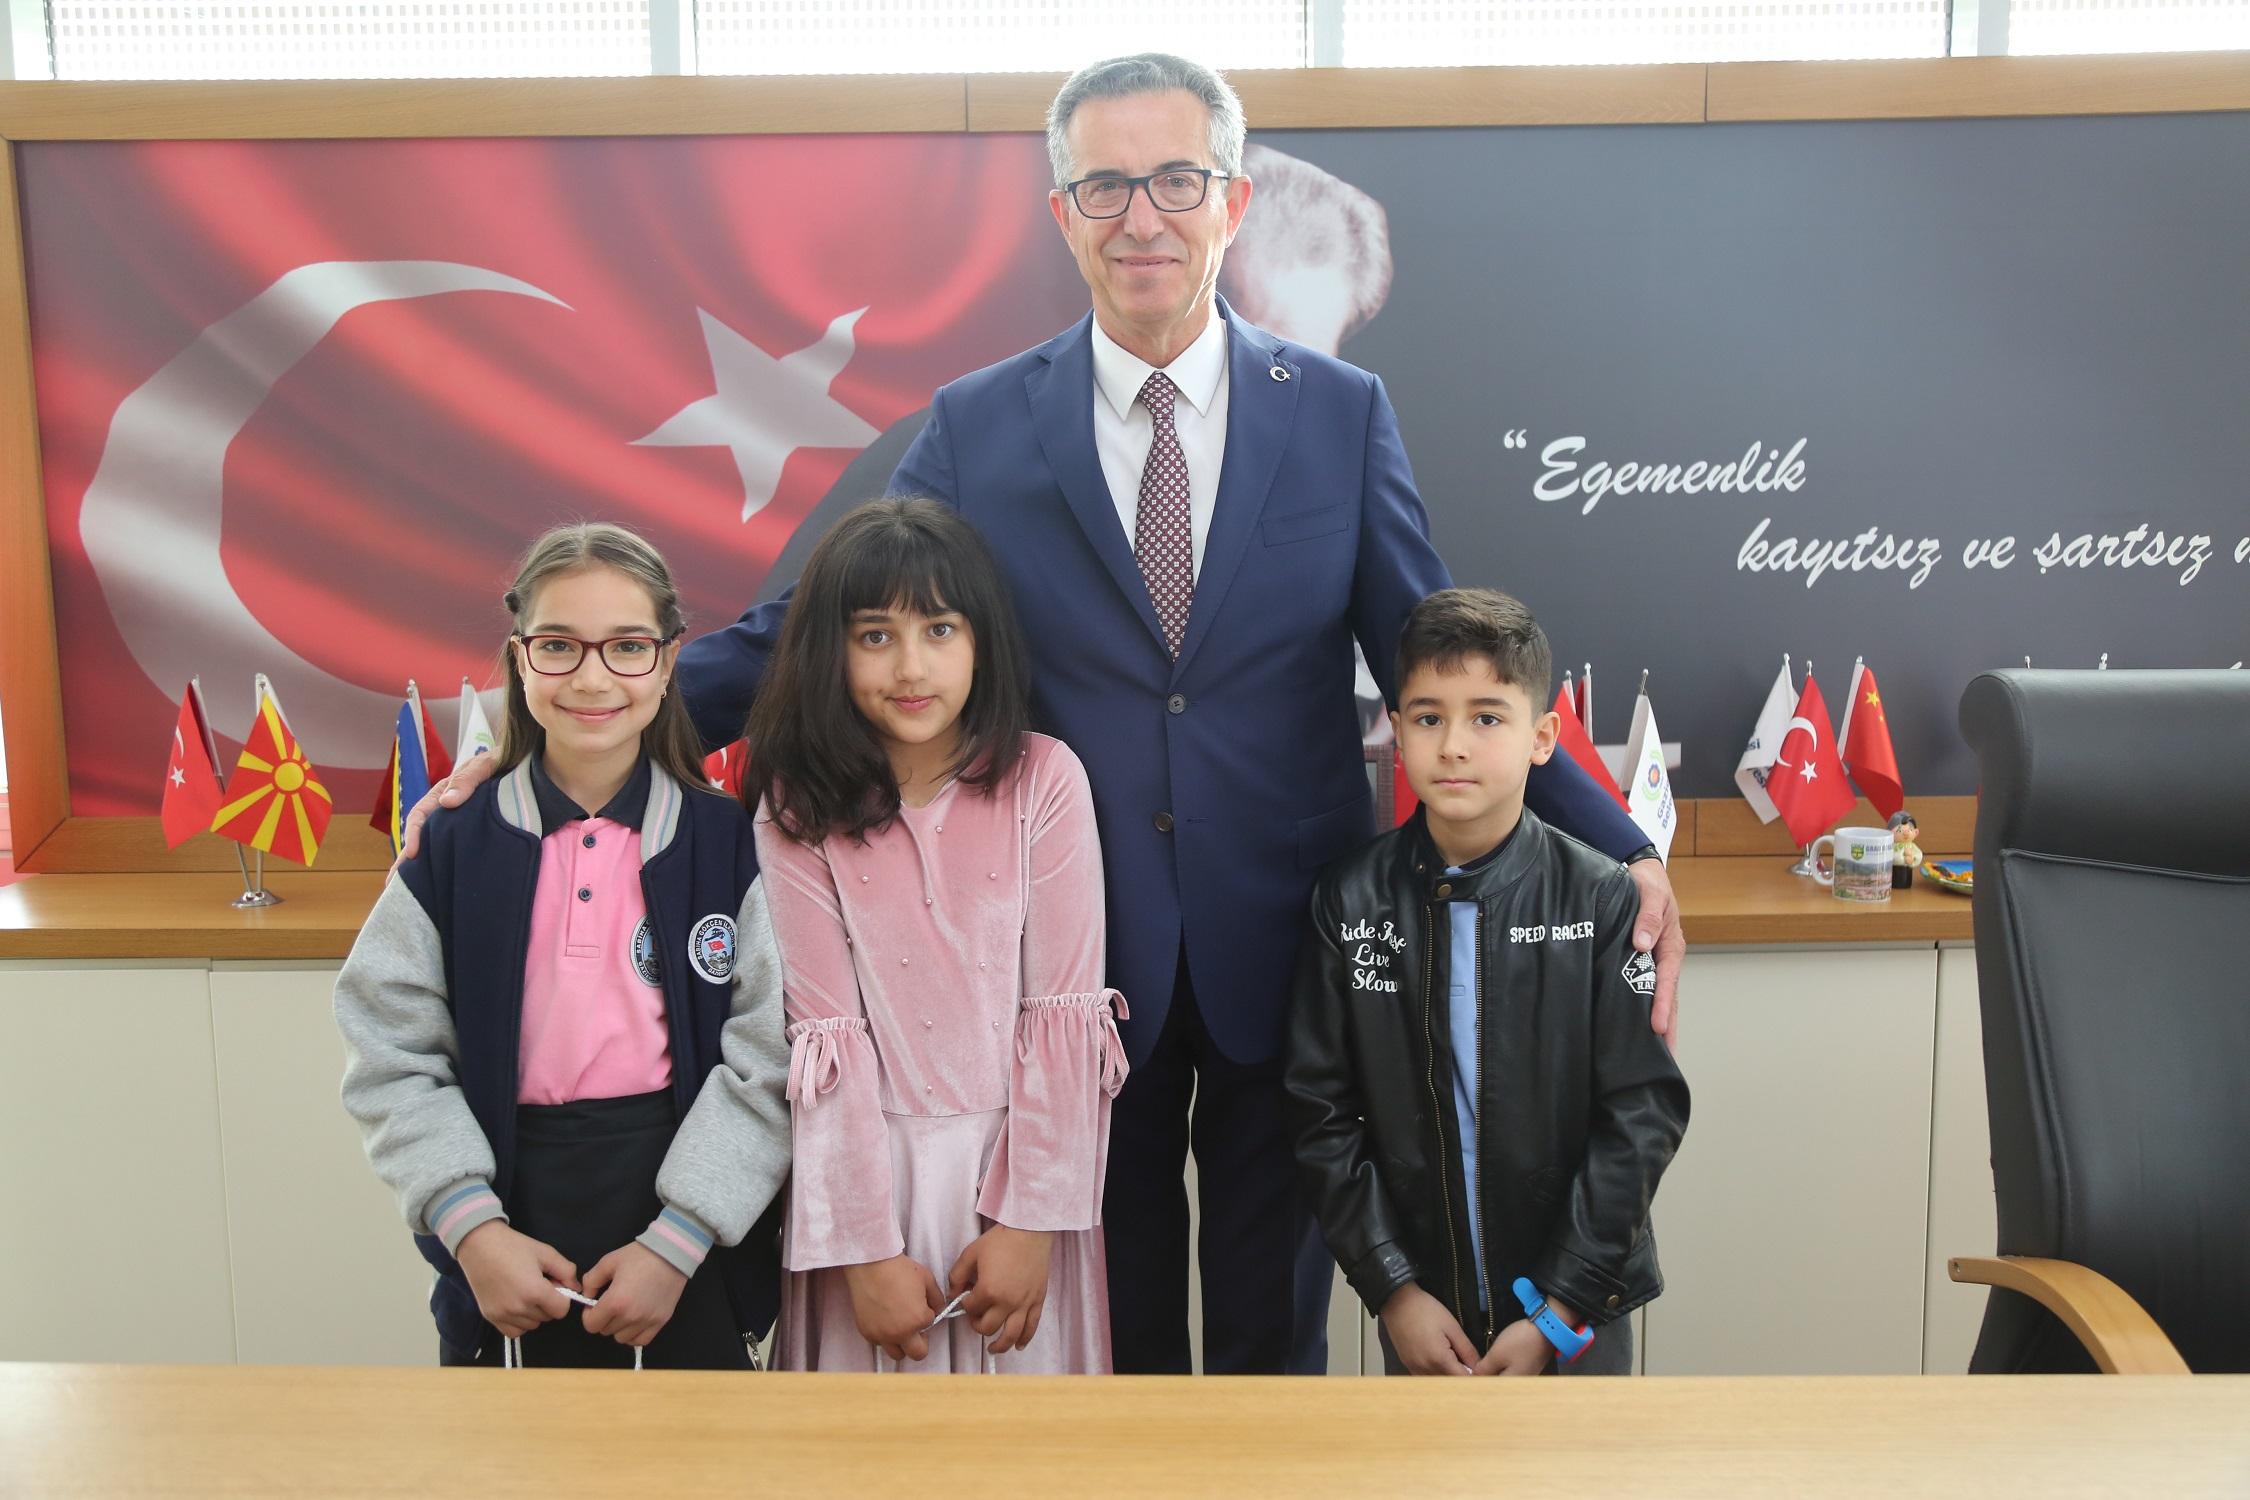 Başkan Halil Arda: 'Mesajlarınızı aldık, çok çalışacağız'